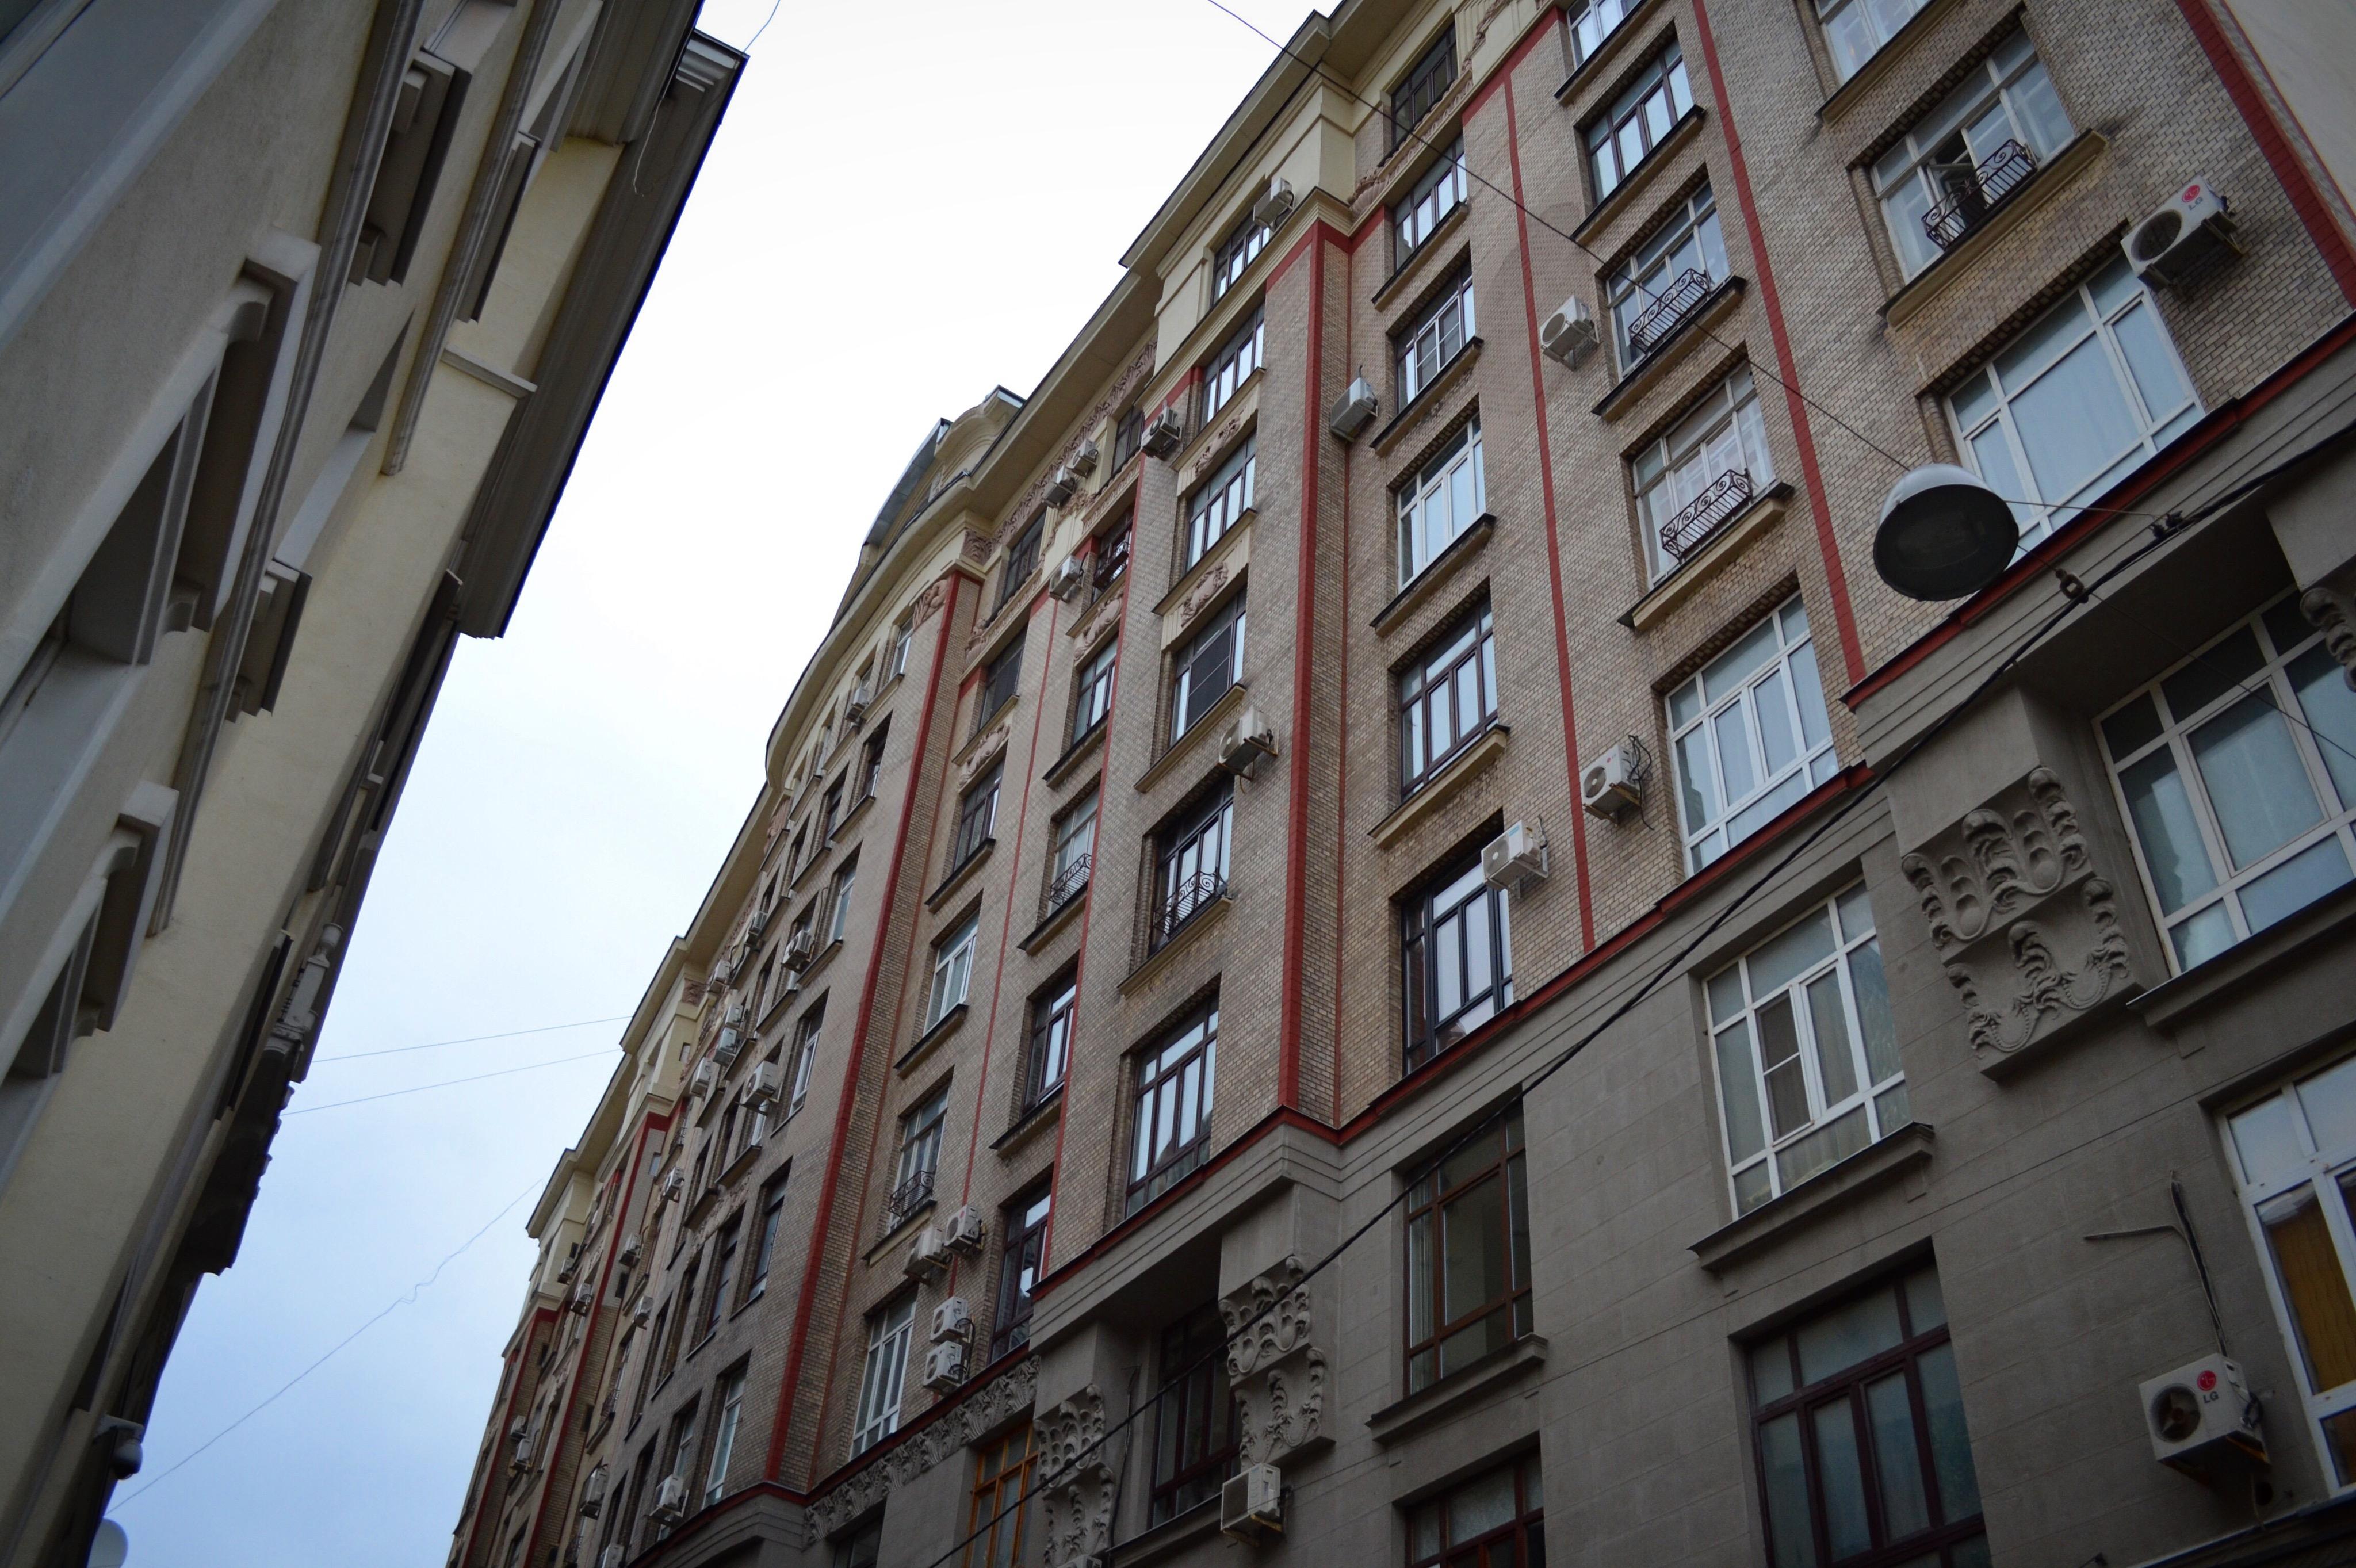 Photo of Первый «небоскреб» Москвы первый небоскреб в москве Первый «небоскреб» Москвы 03